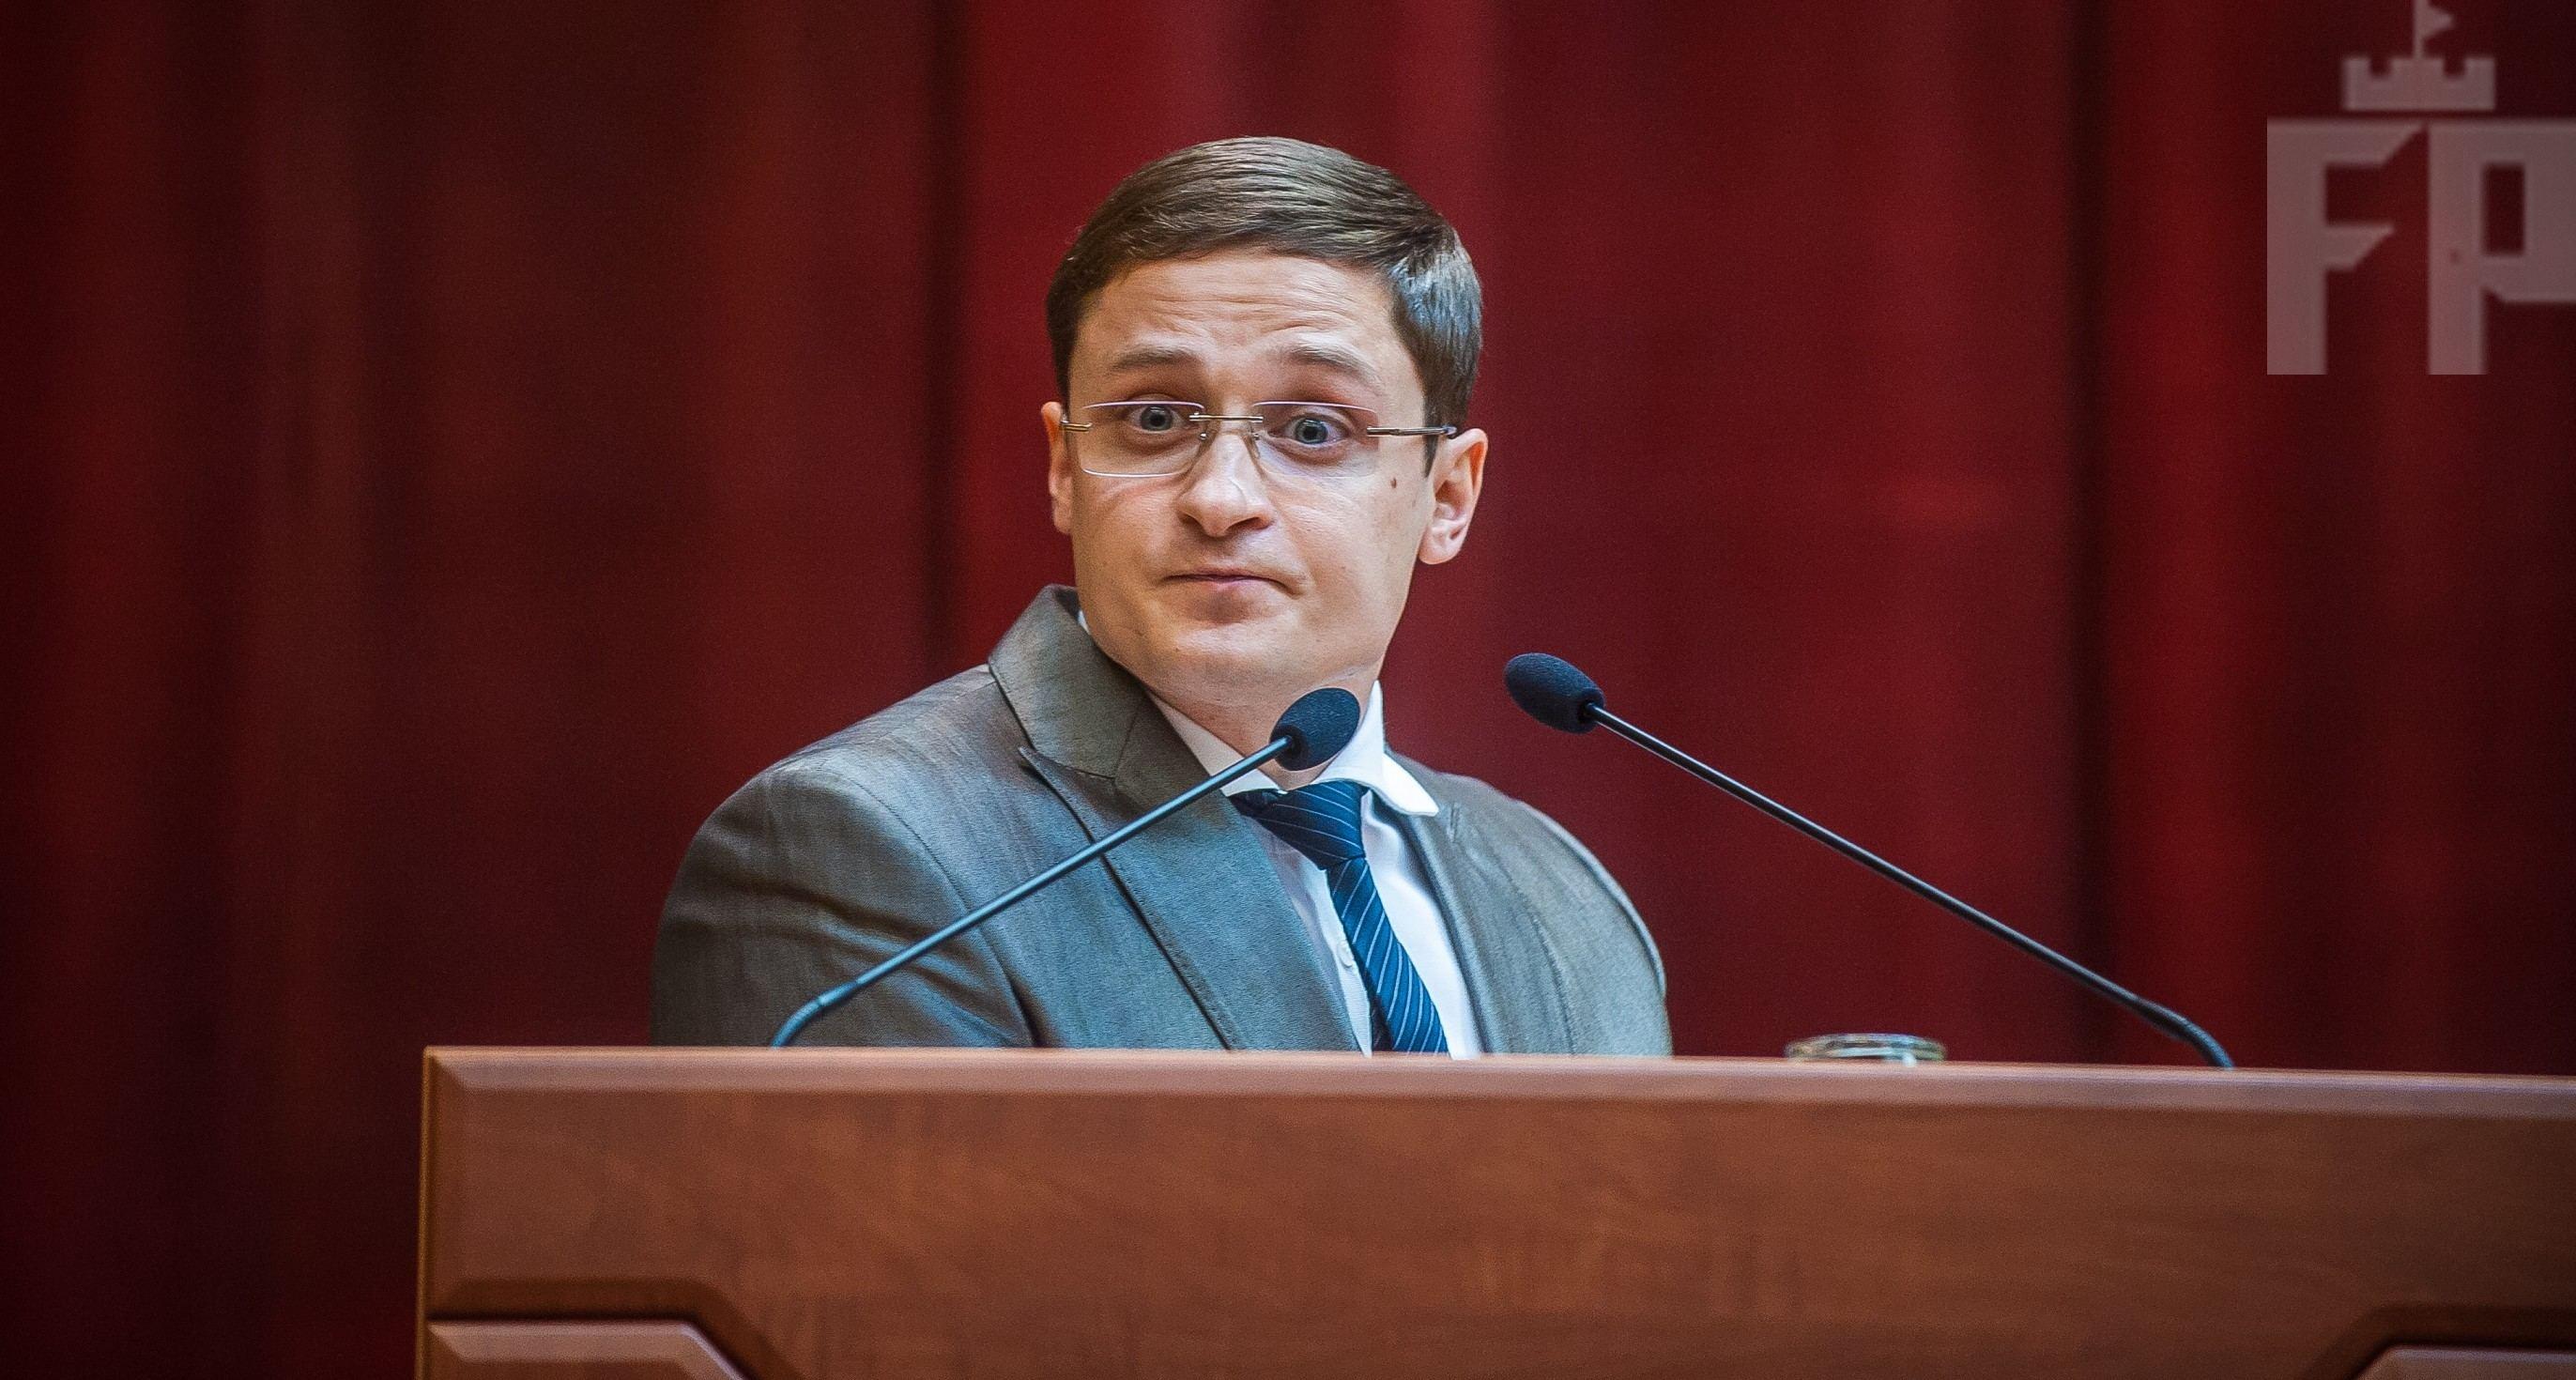 Запорізький депутат пропонує Україні рівнятися на досвід Уганди щодо захисту прав людини. У коментарях йому пропонують стати послом у цій країні